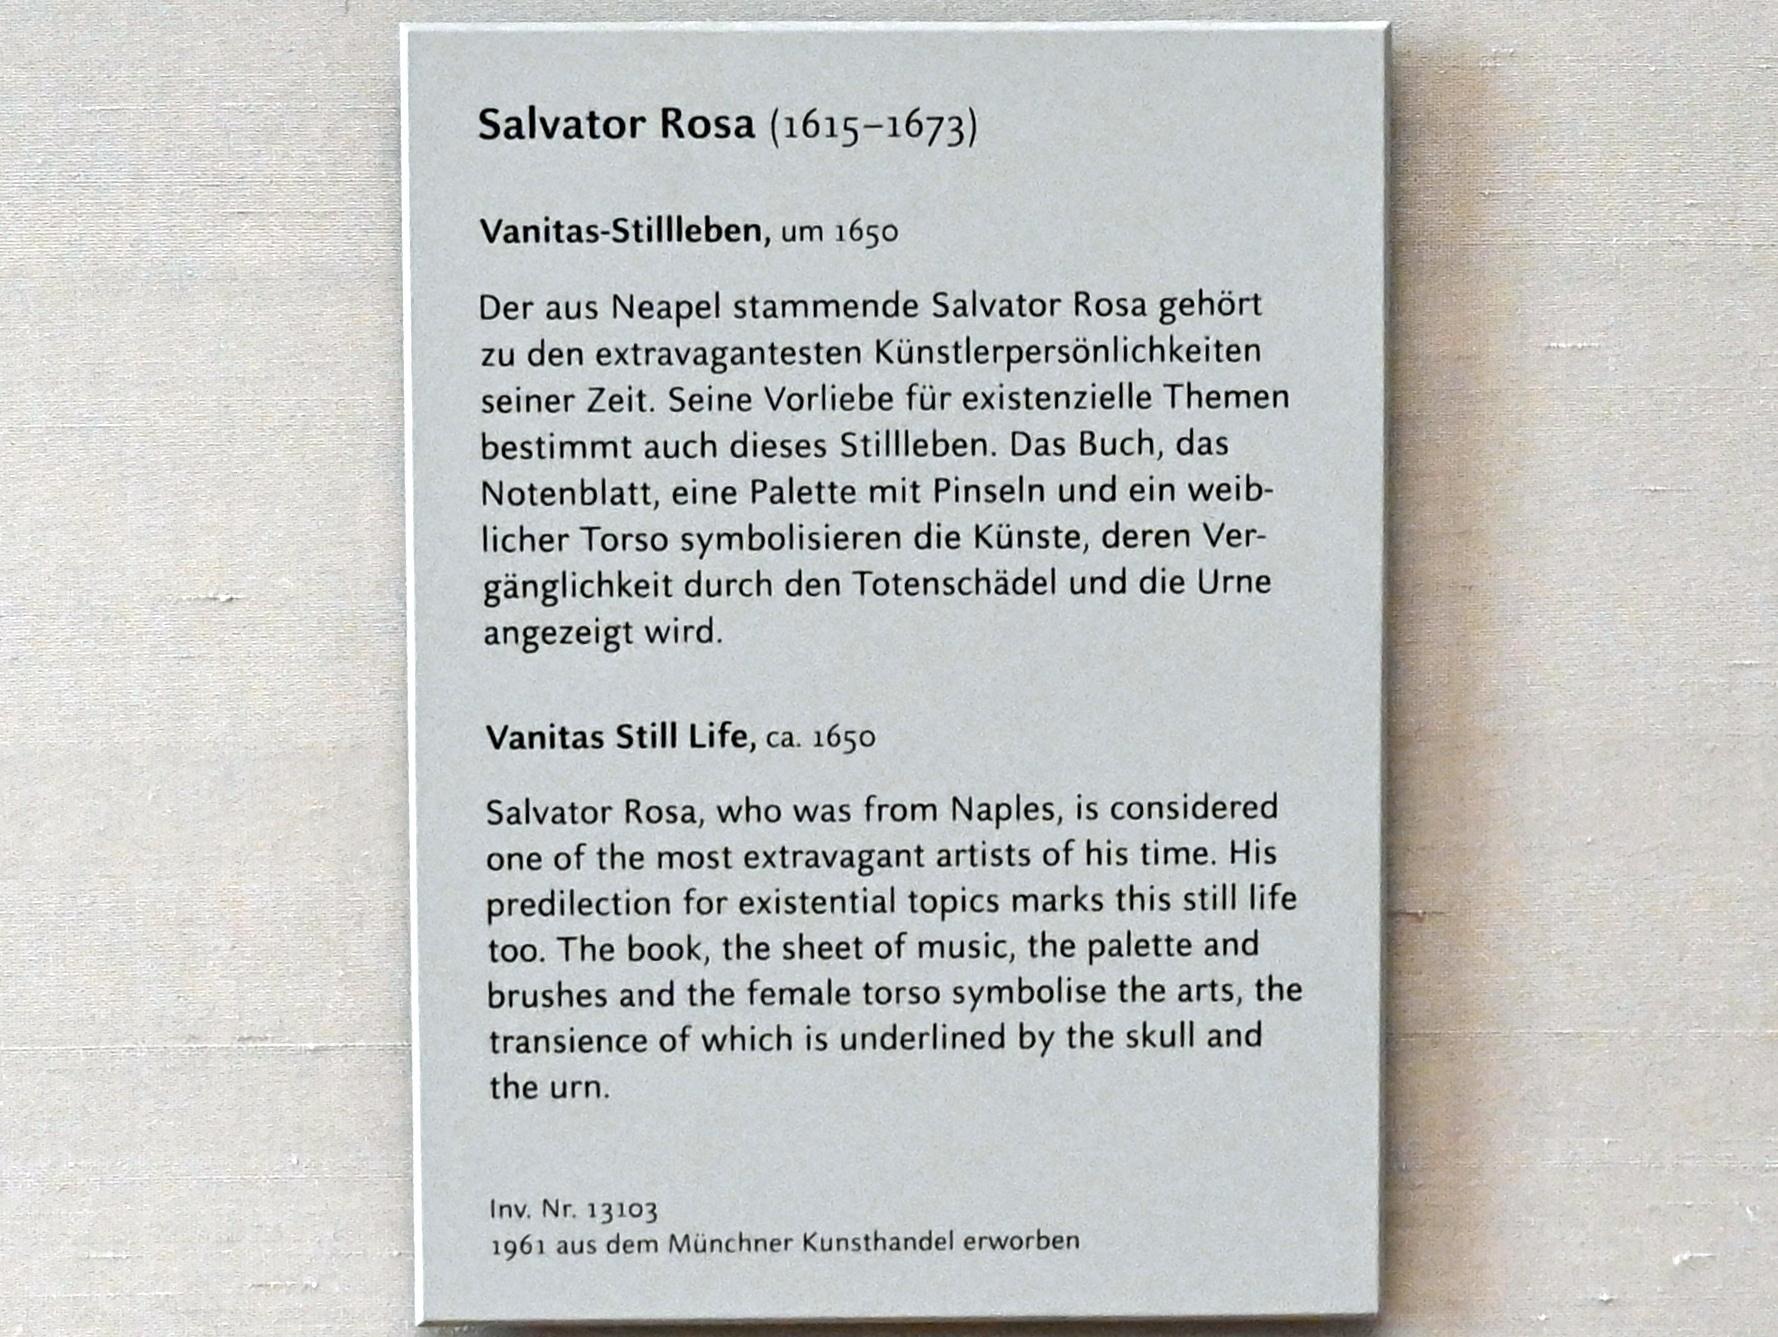 Salvator Rosa: Vanitas-Stillleben, Um 1650